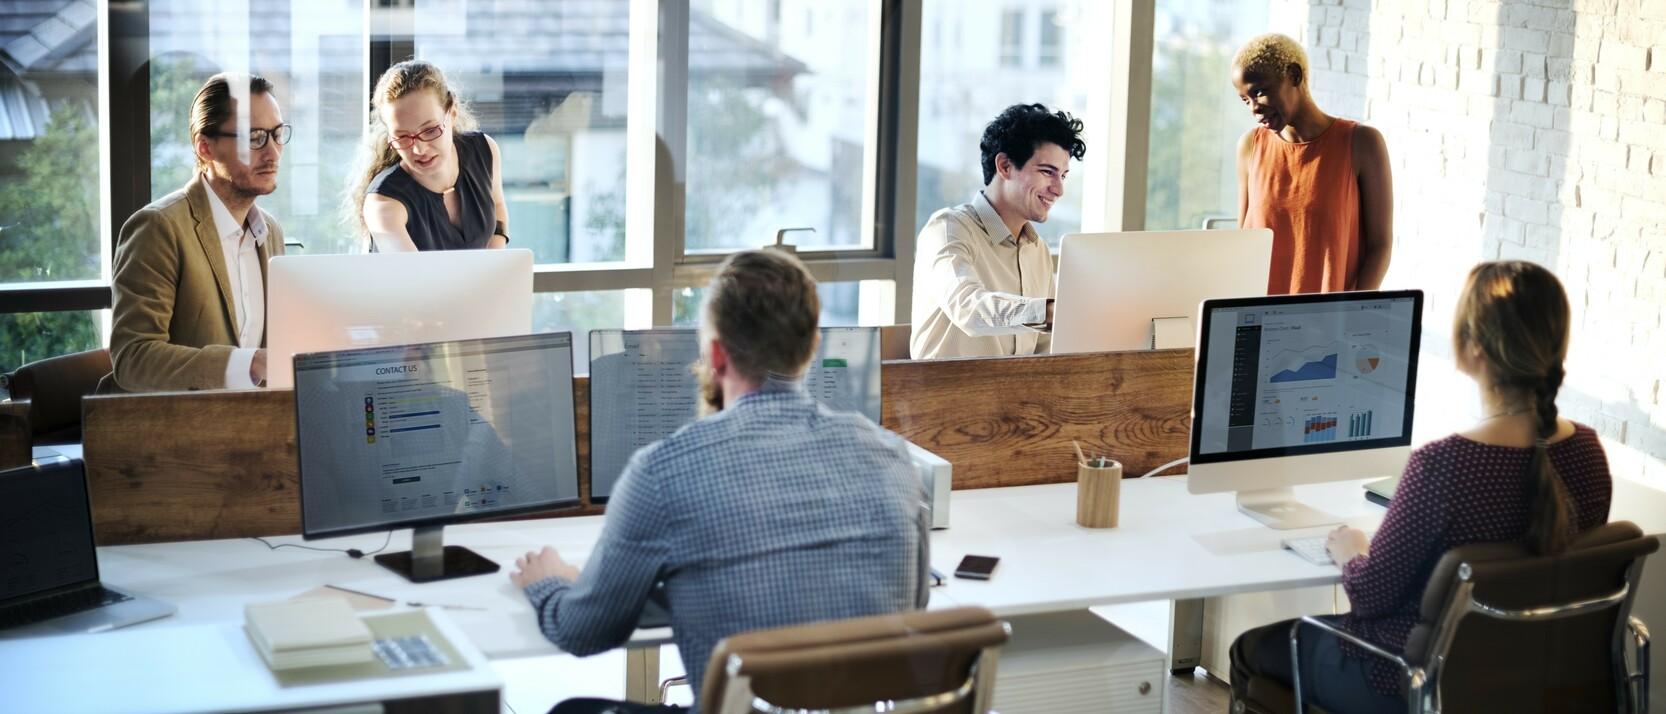 Как автоматизация влияет на клиентский сервис?